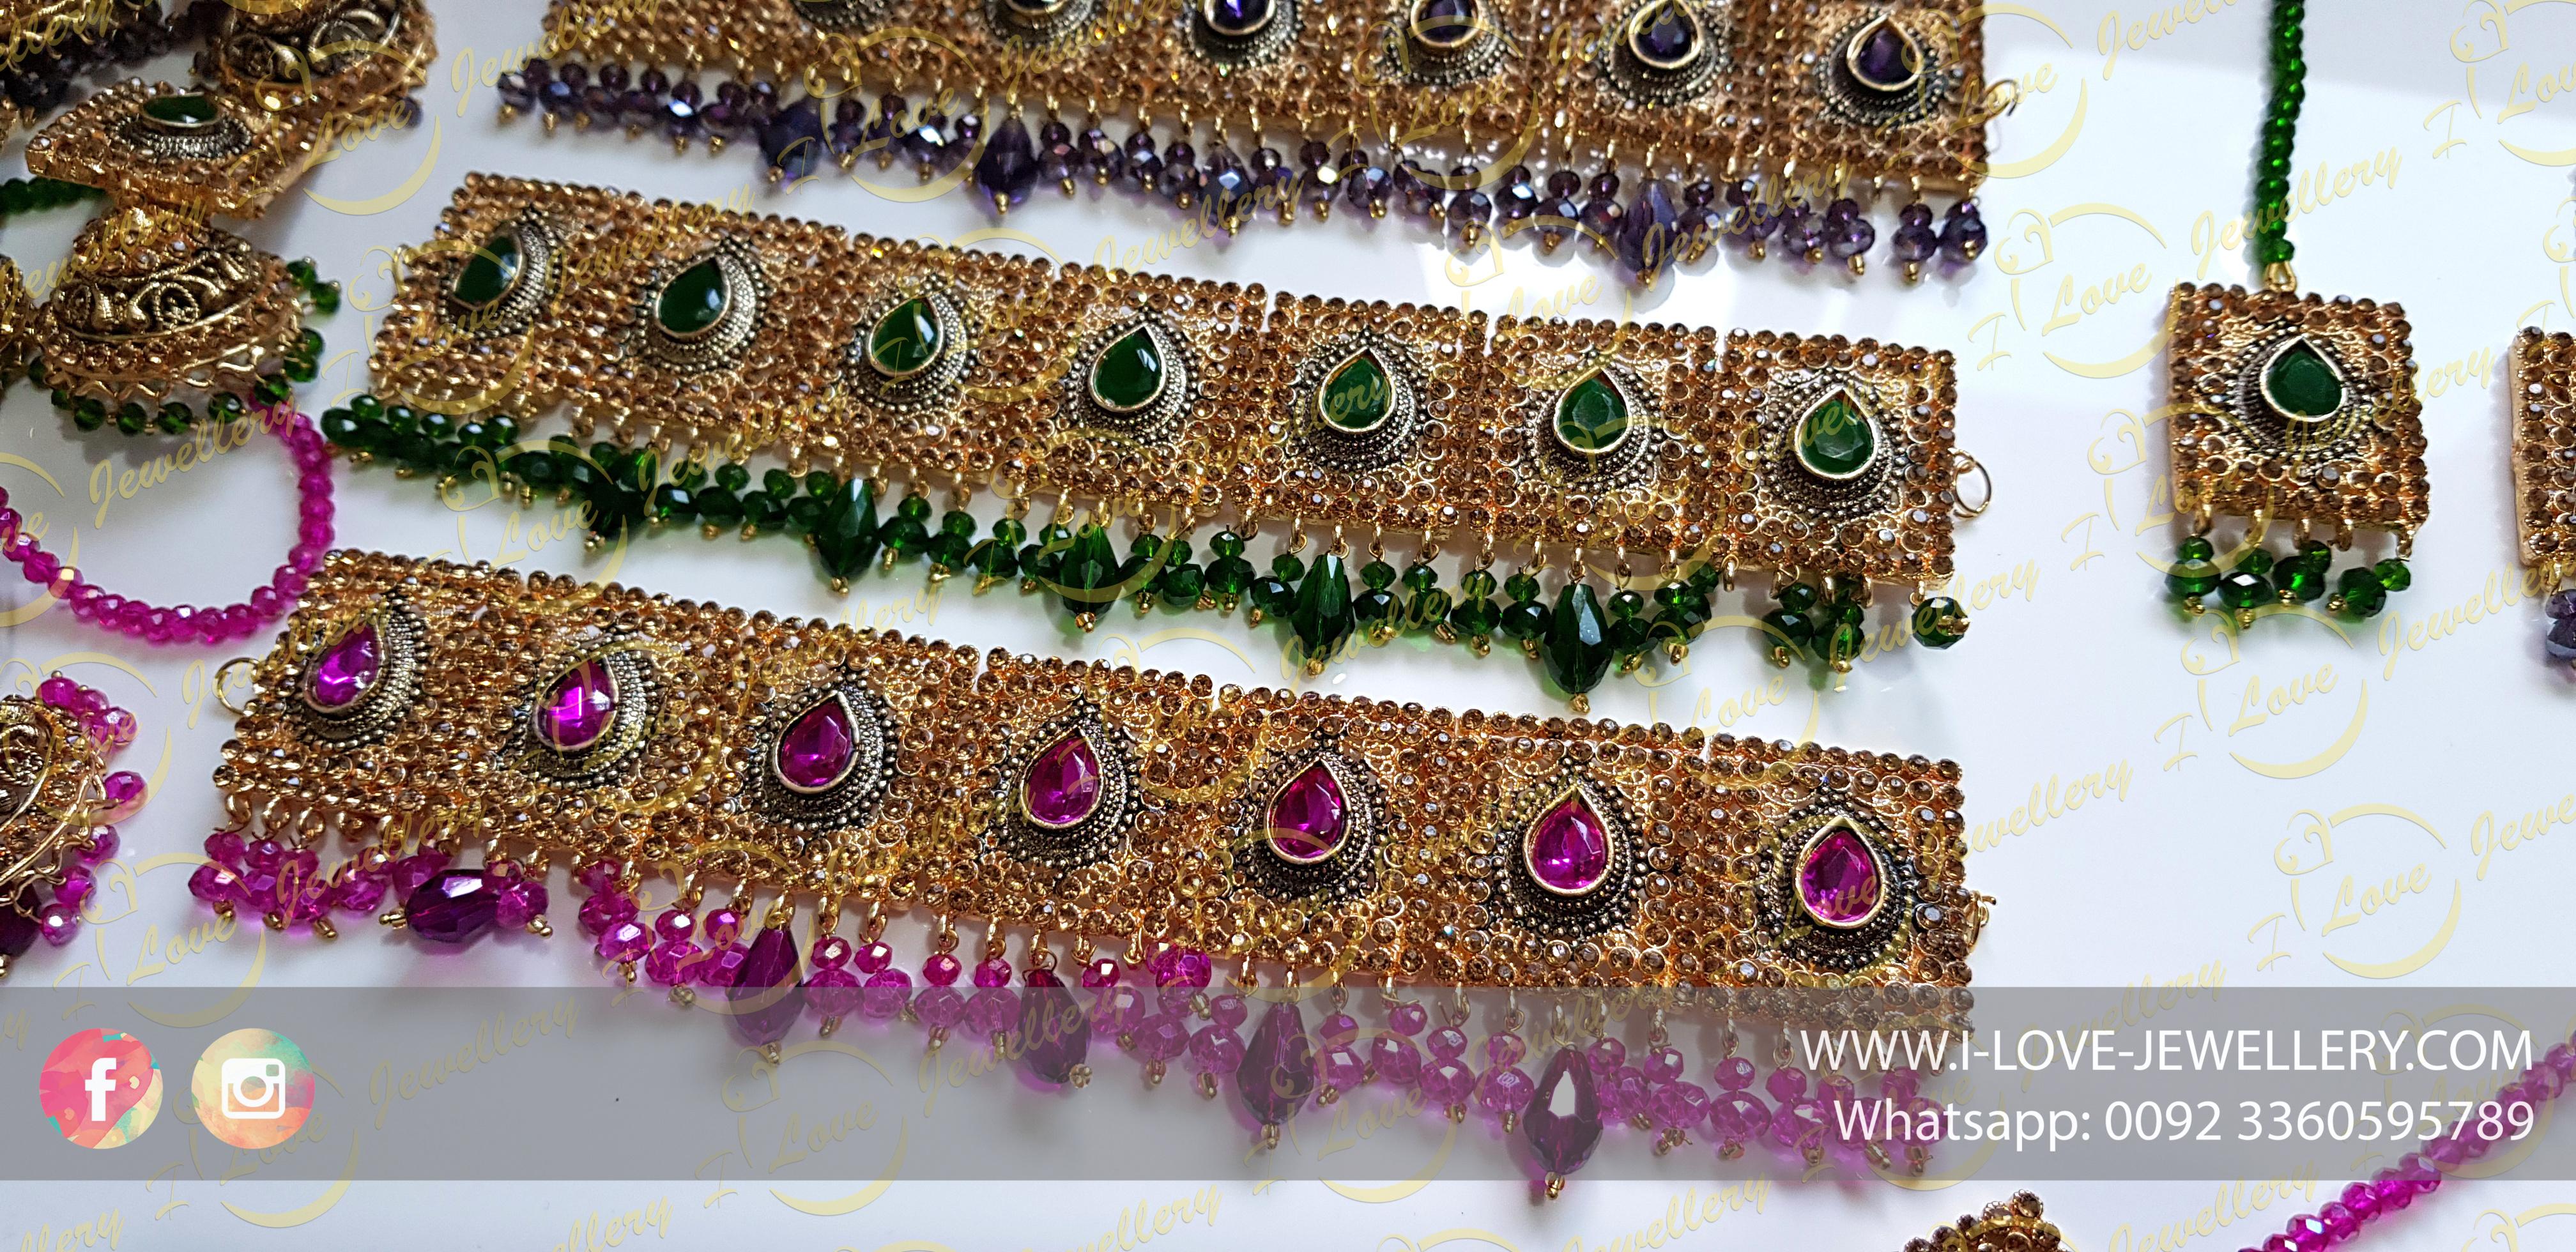 Pakistani choker - purple choker - green choker - party chokers - bridal chokers - mehndi jewellery - Pakistani wedding jewellery - Pakistani bridal jewellery - wholesale Pakistani jewellery - bespoke Pakistani jewellery